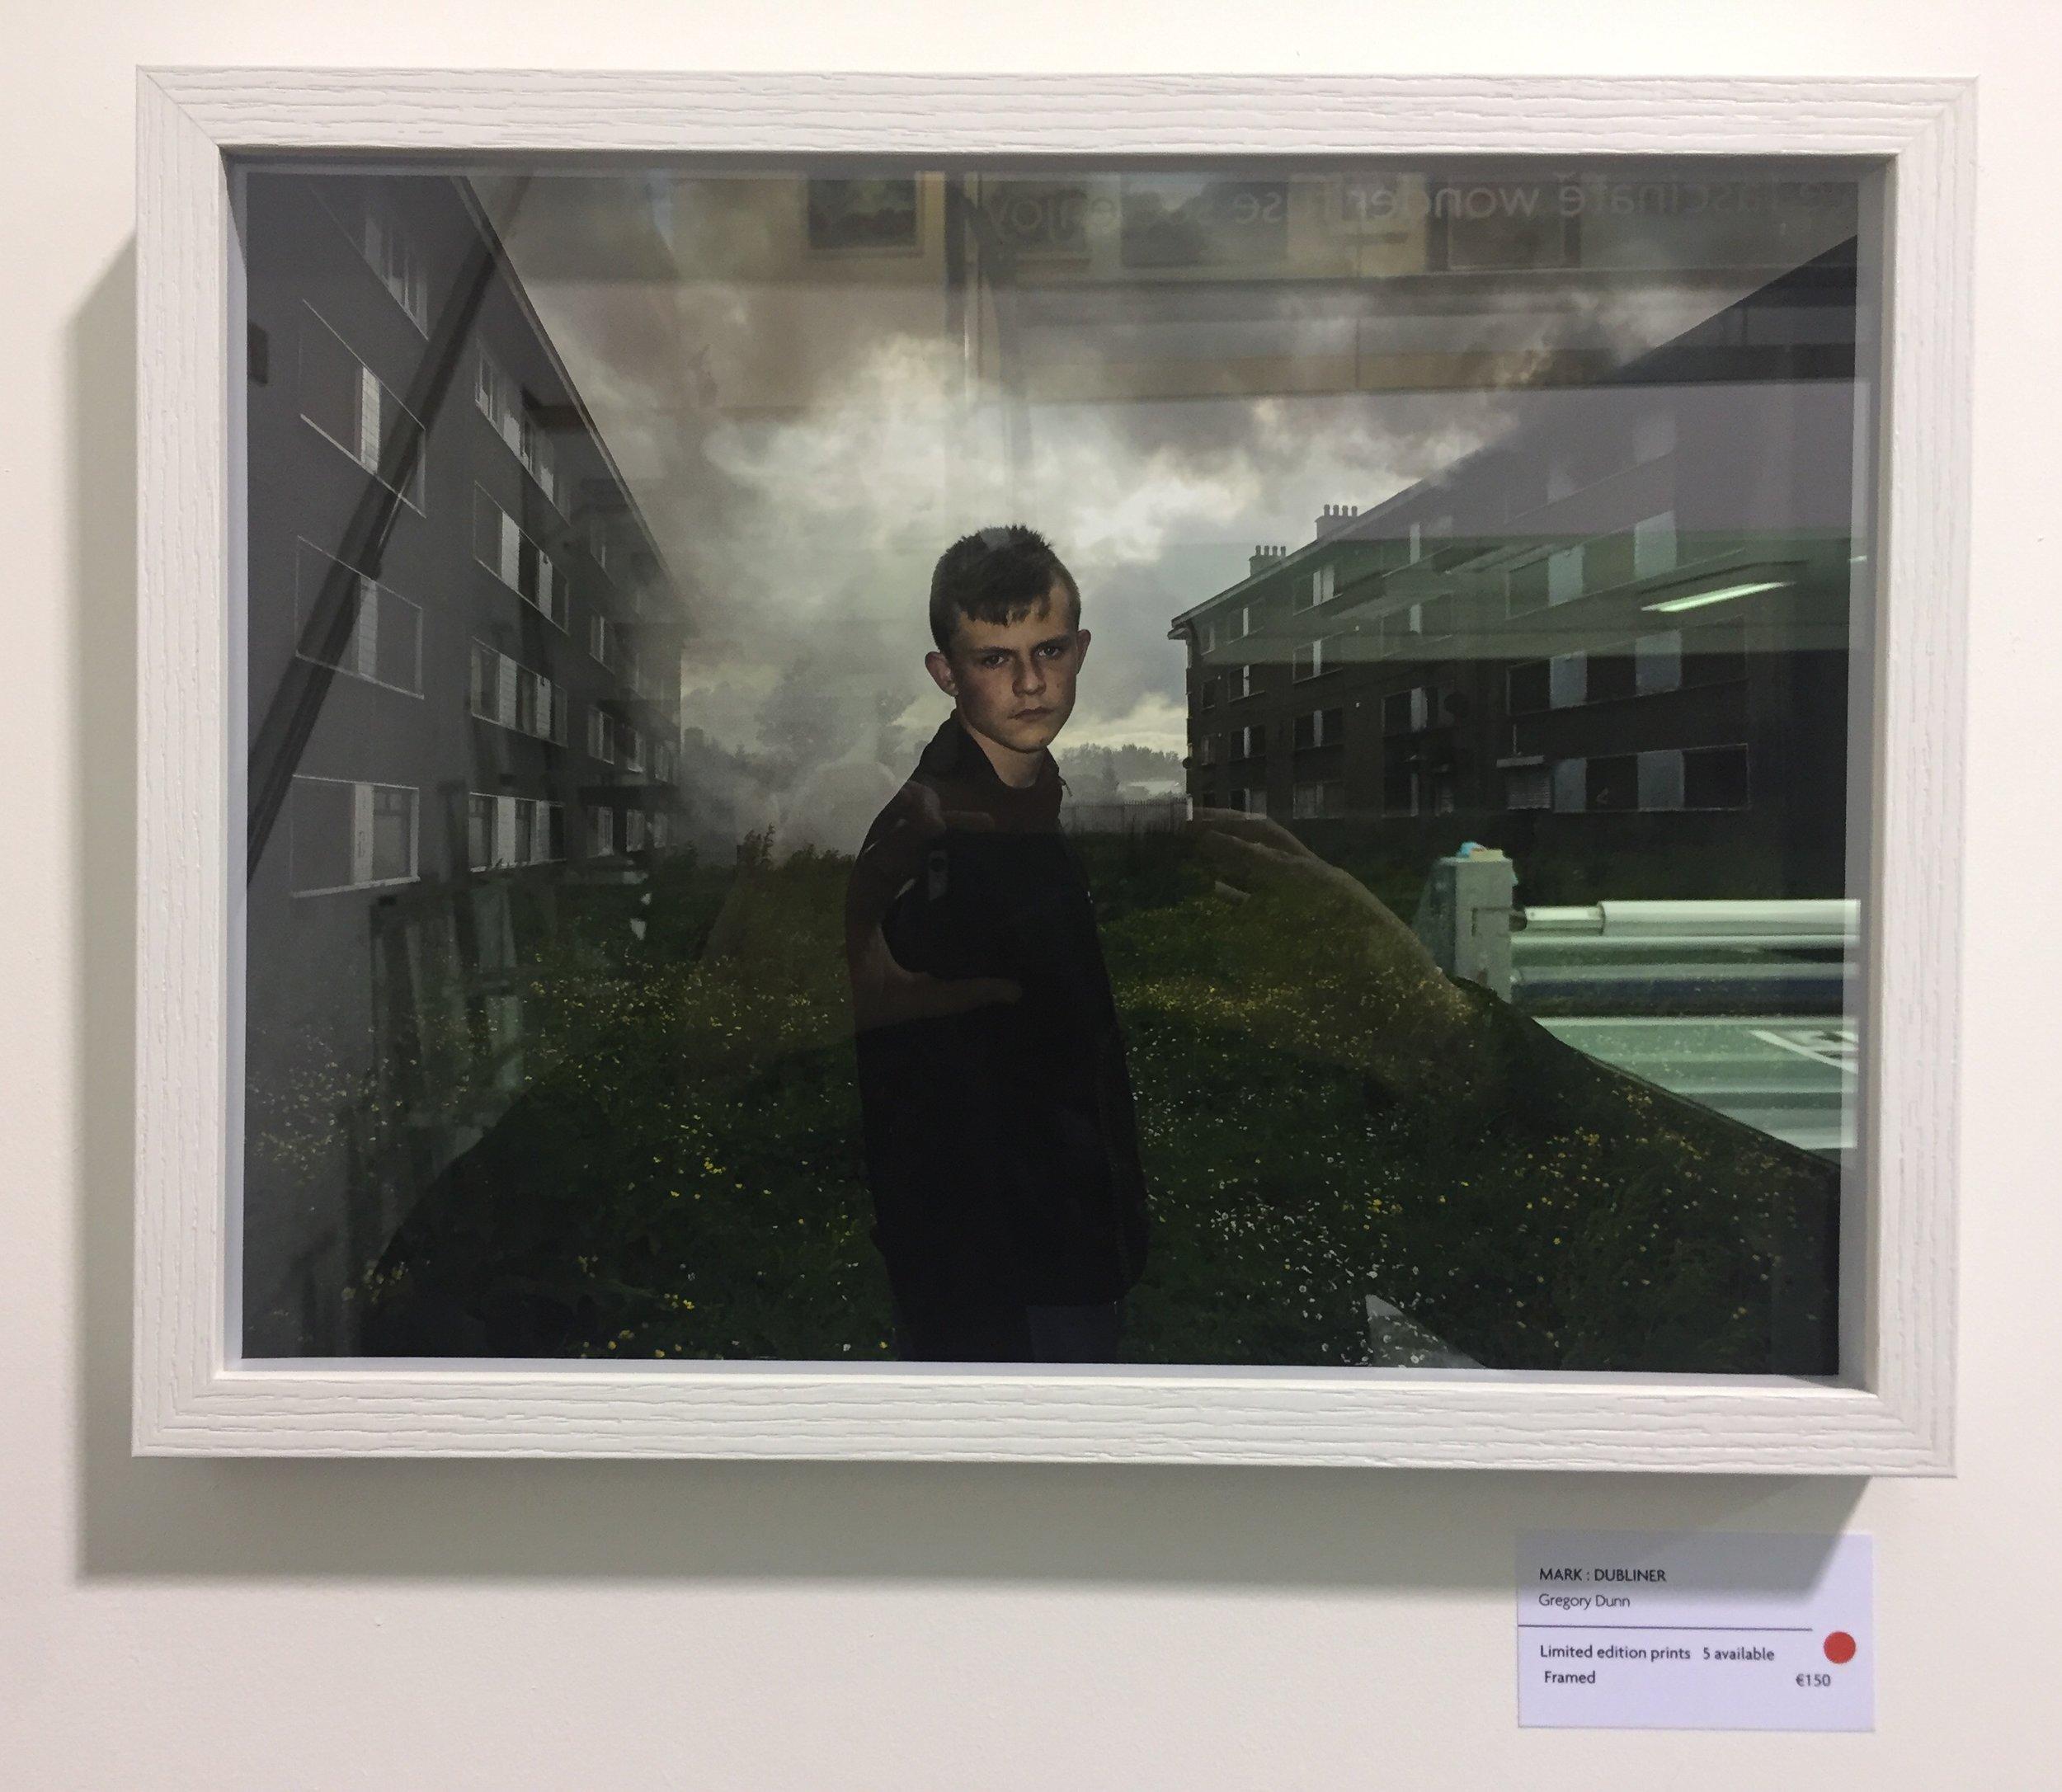 Mark - Dubliner - Gregory Dunn